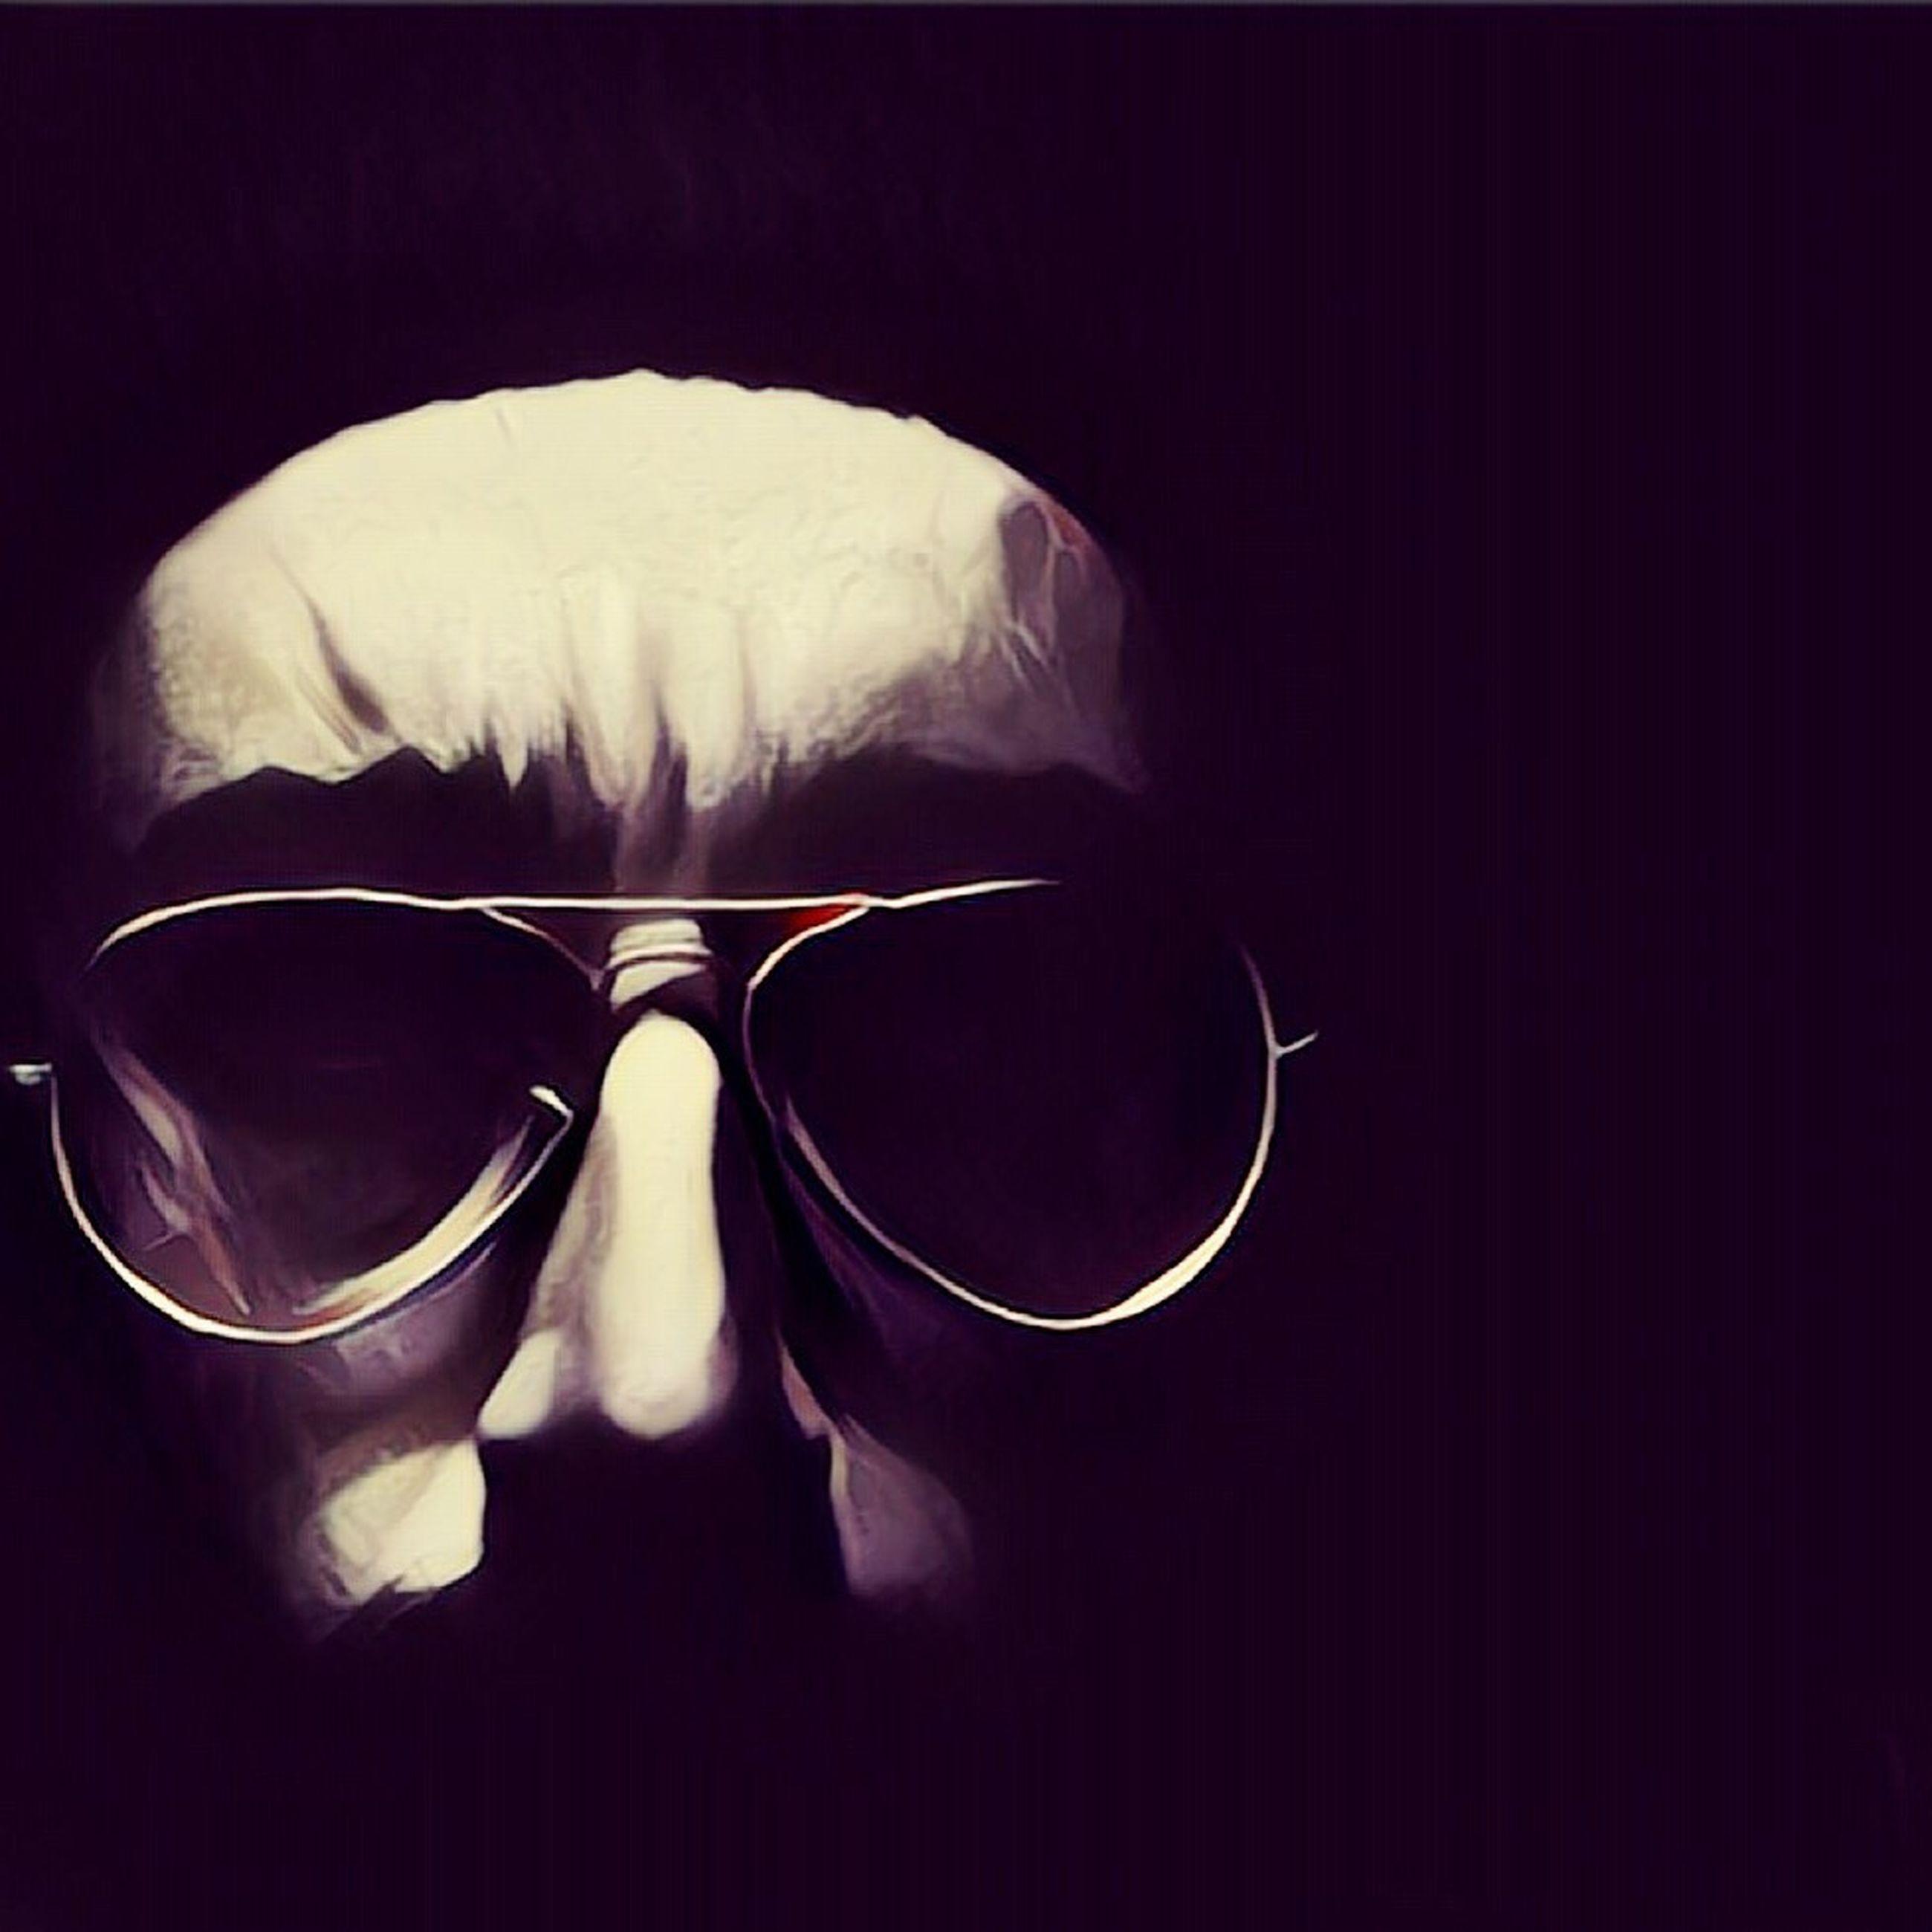 sunglasses, dark, studio shot, black background, full frame, fragility